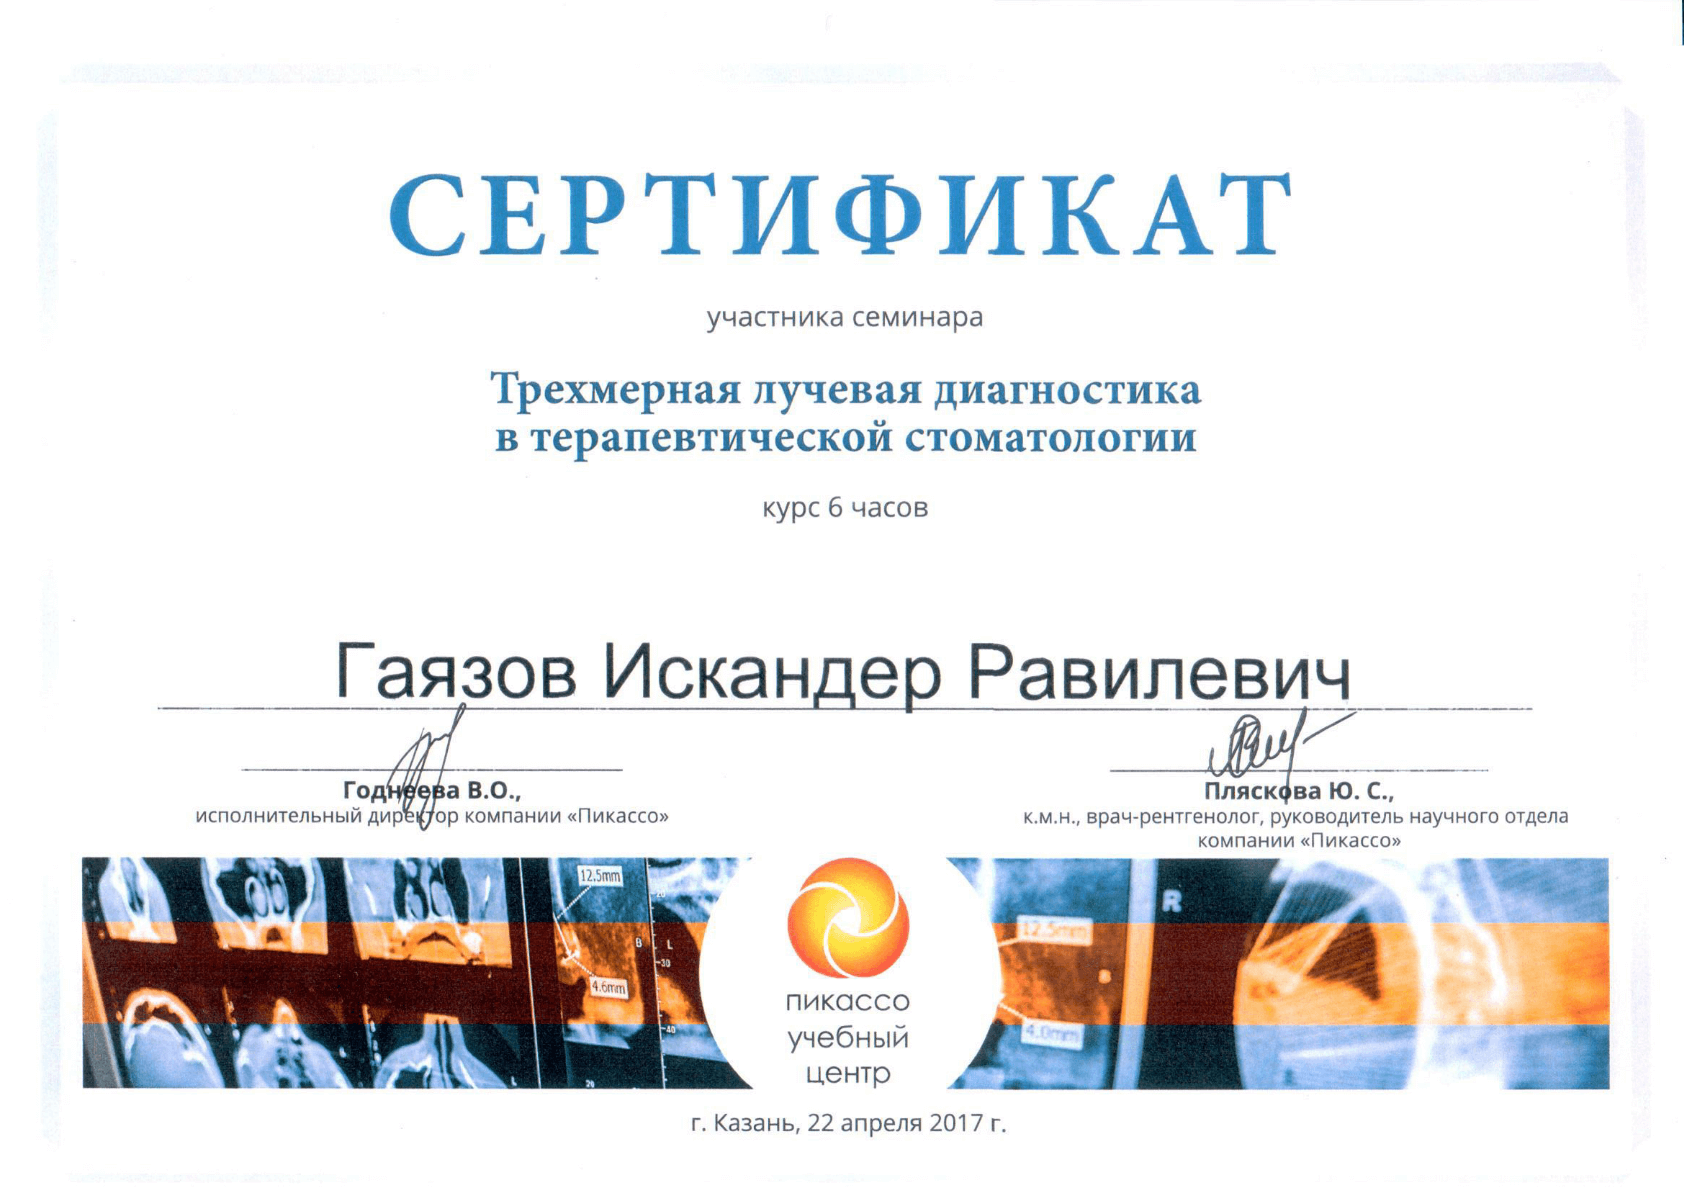 Документы на имя Гаязов Искандер Равилевич